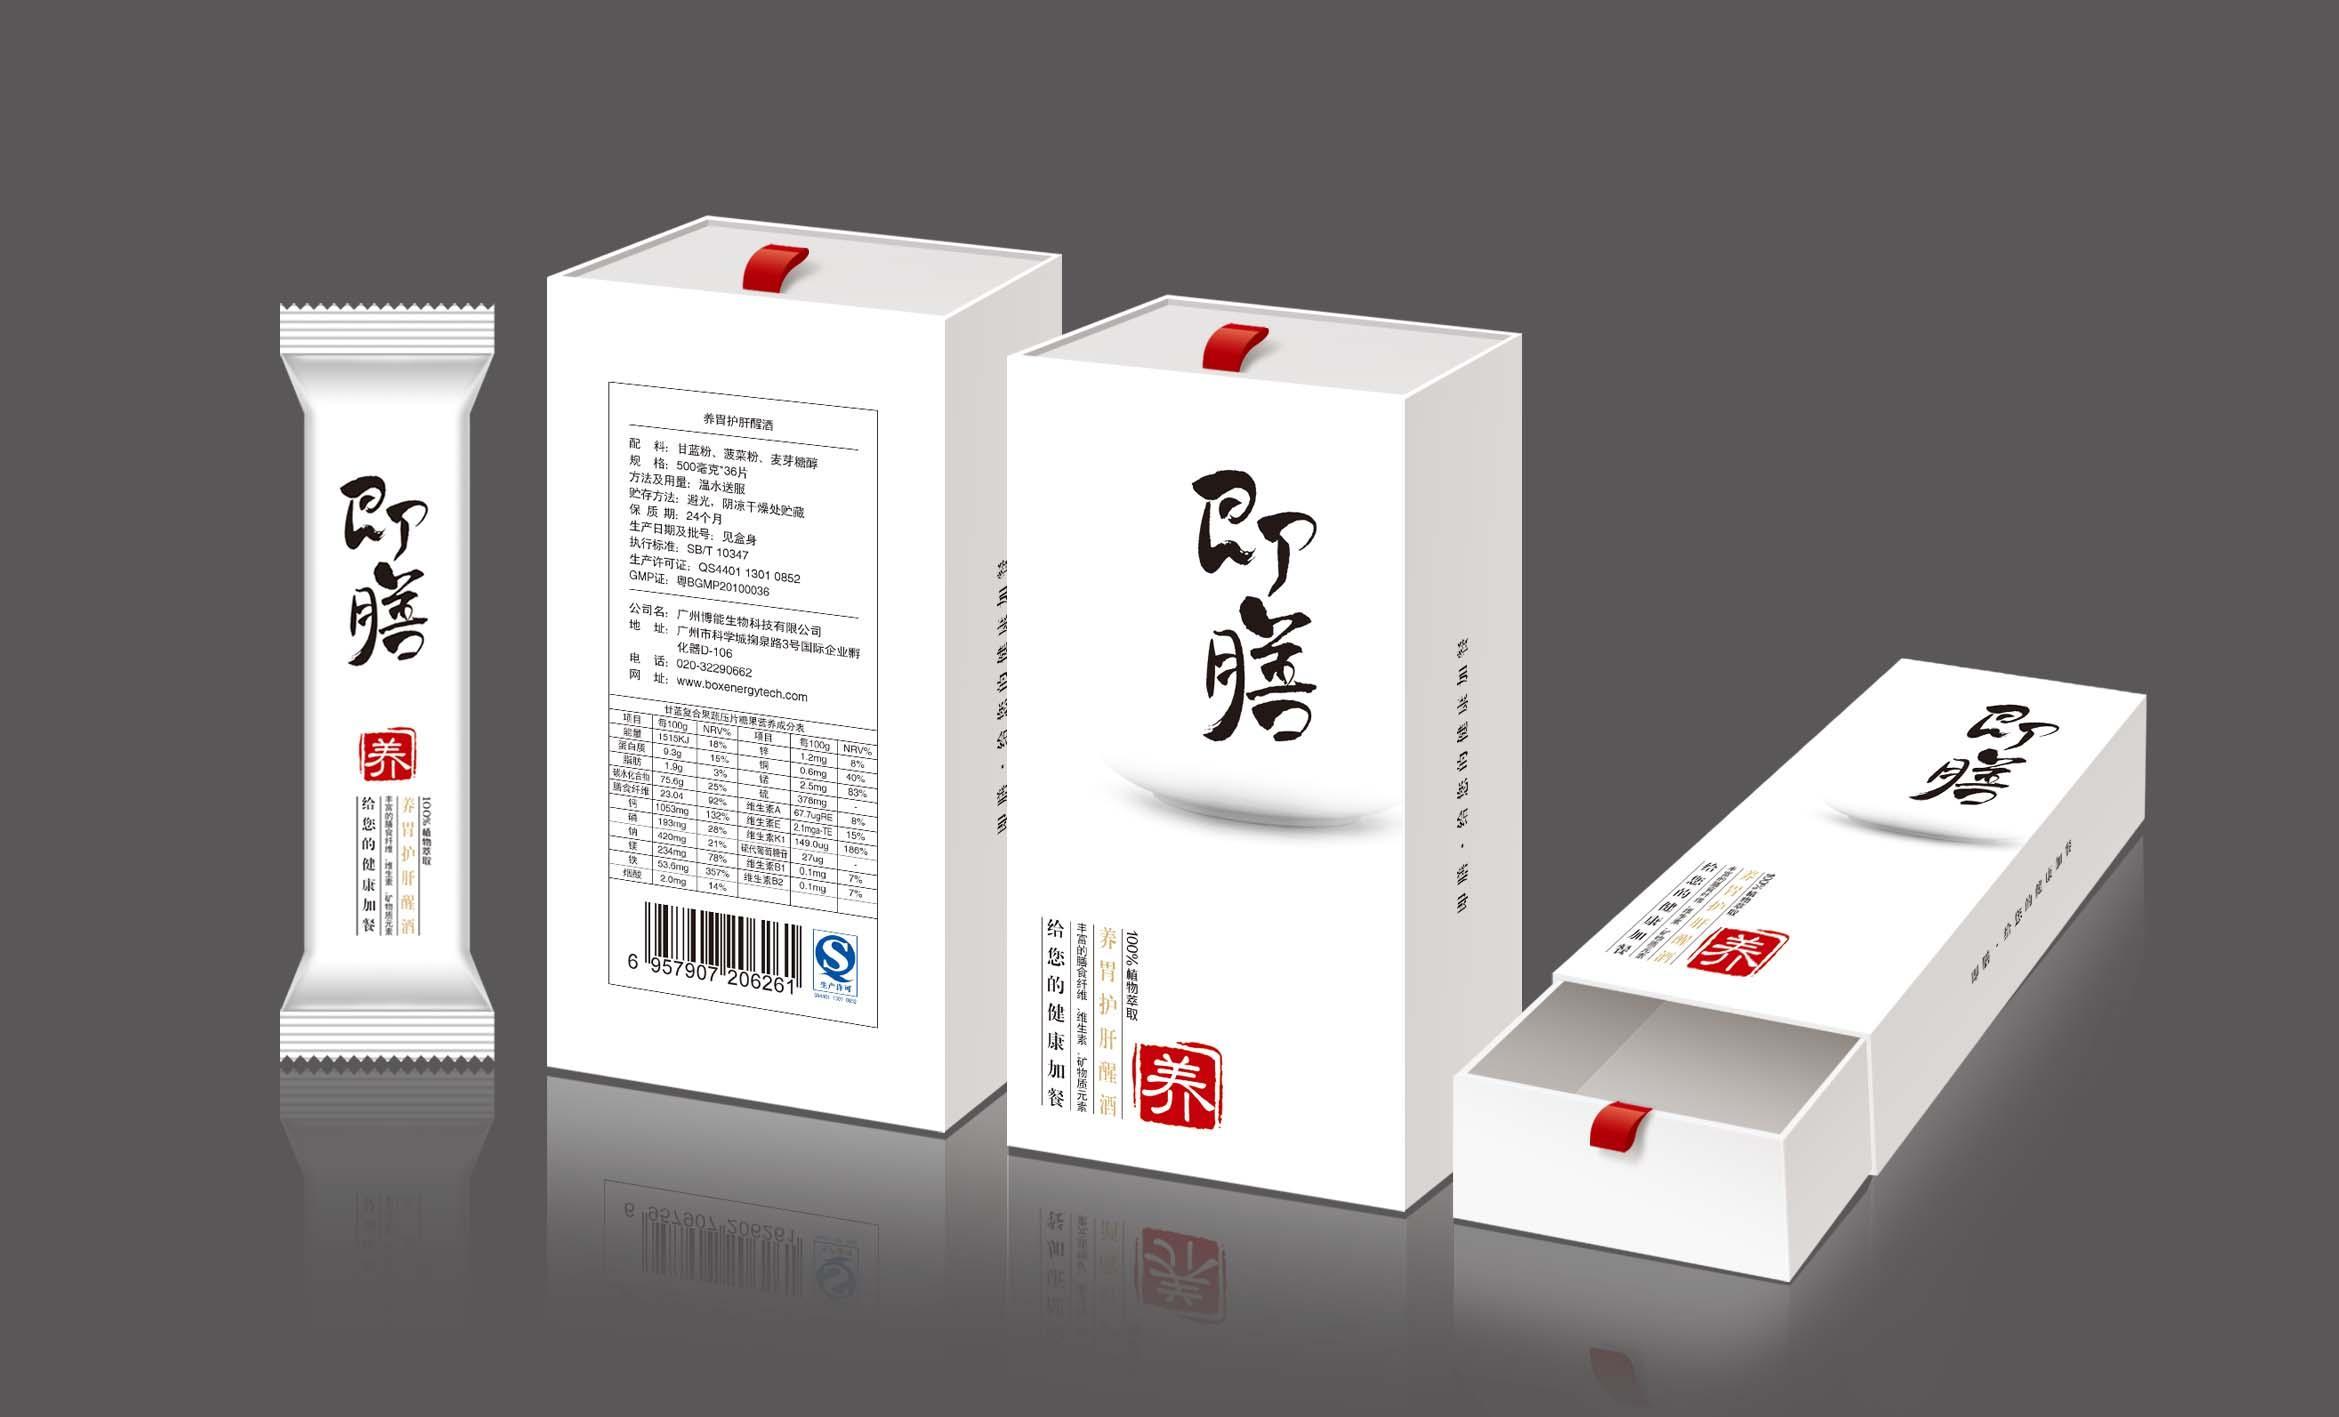 包装 包装设计 购物纸袋 设计 纸袋 2339_1417